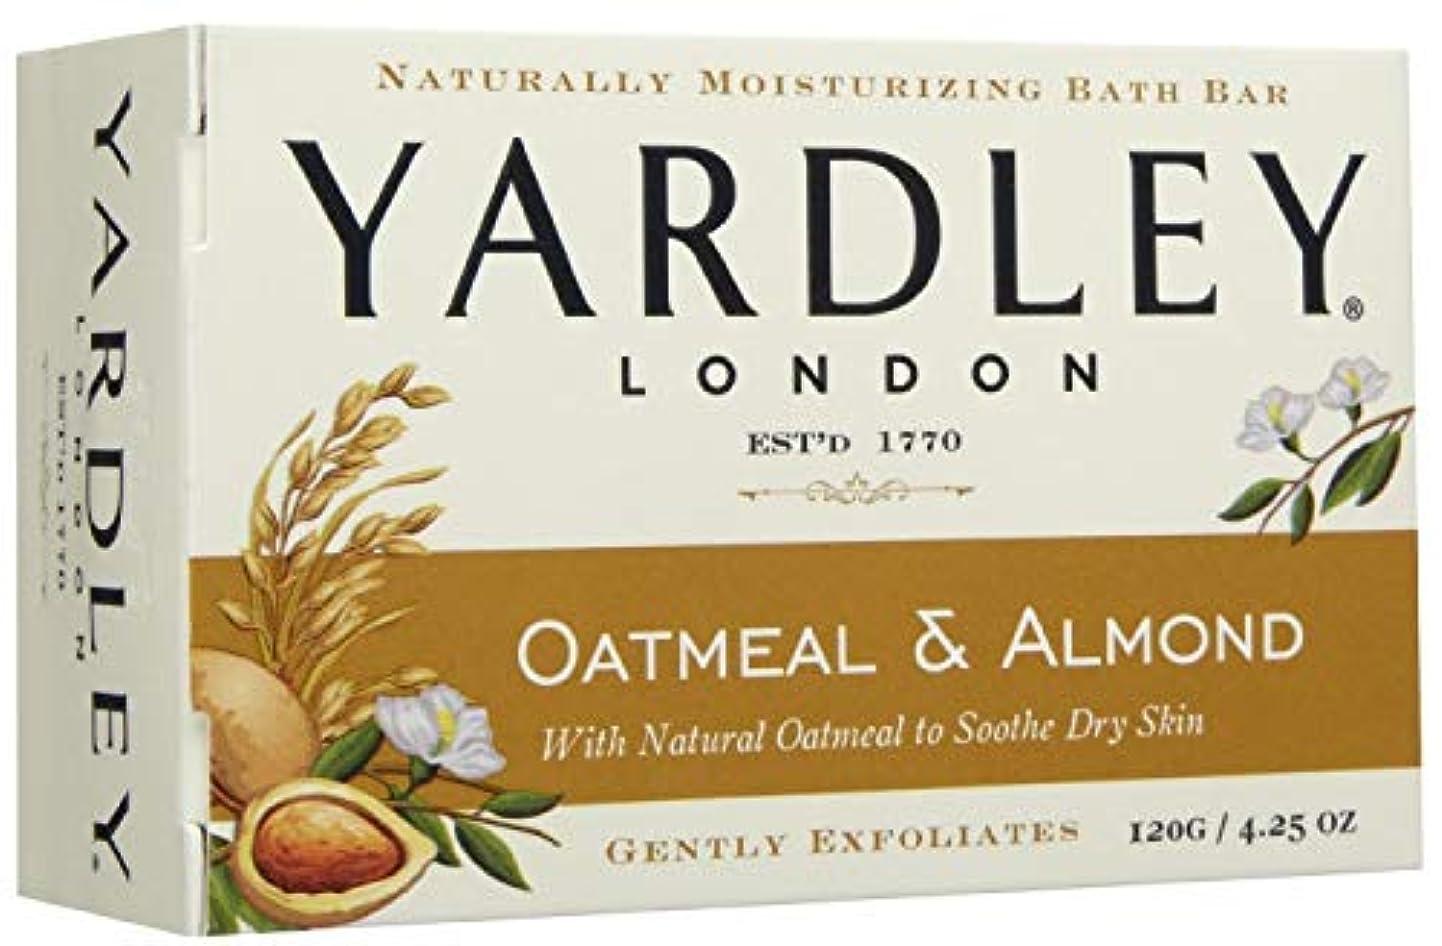 レトルト薬局かすれたYardley 5587101.2X7オートミールとアーモンド当然モイスバースバー(7パック) 7のパック ヌル